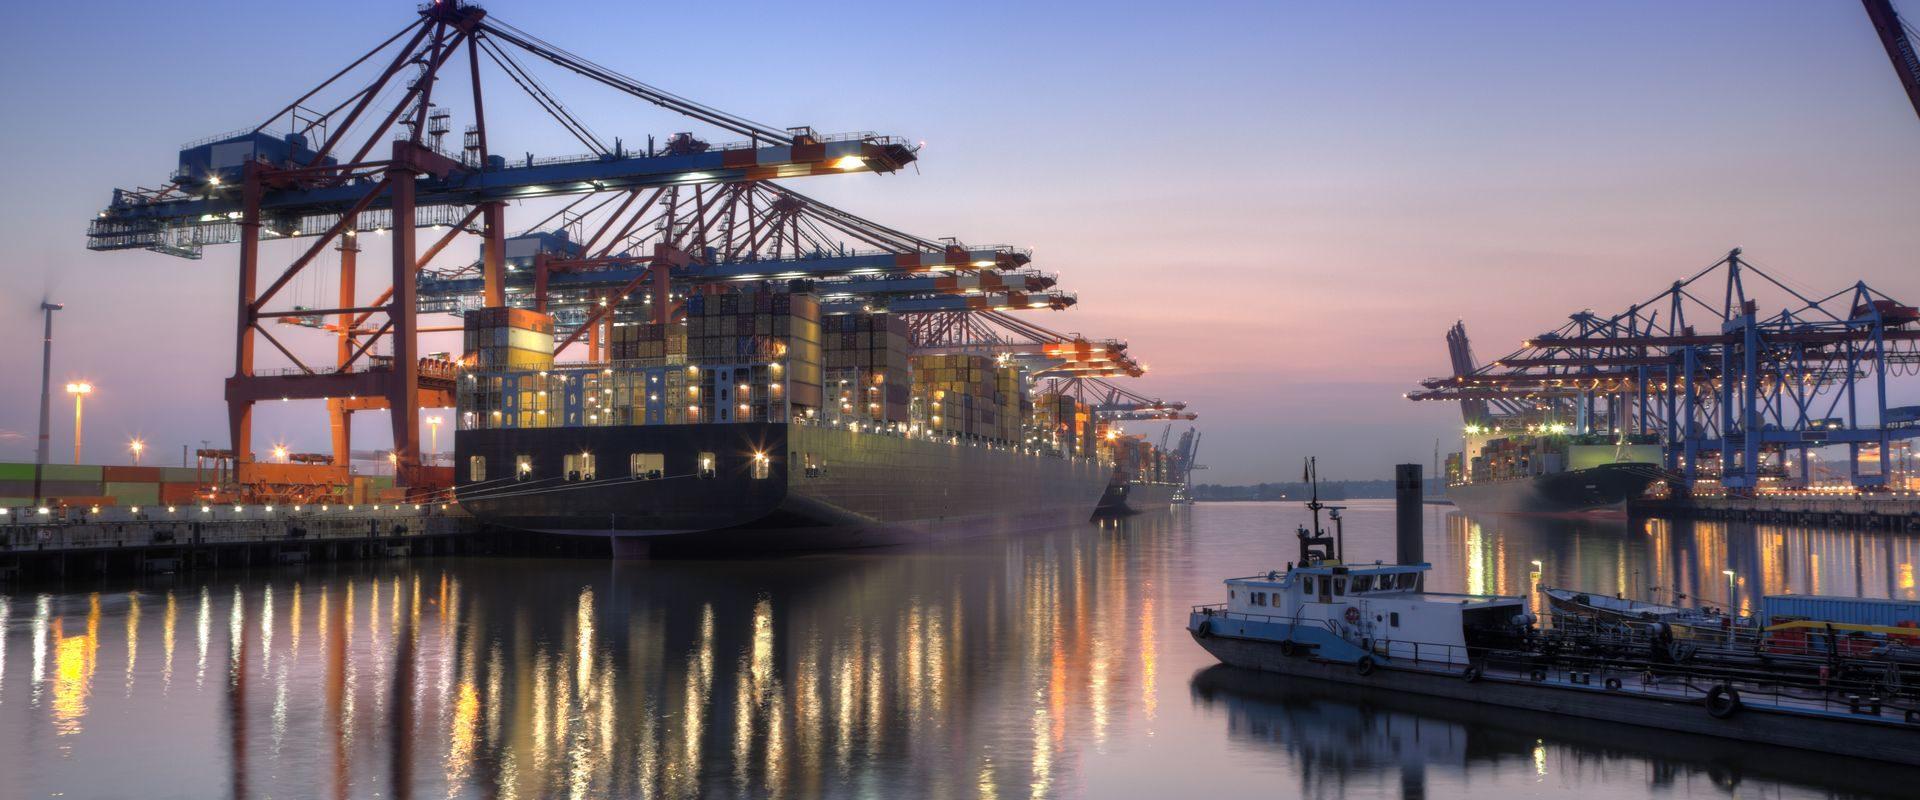 Współpraca z ośrodkami szkoleniowymi, szkołami i akademiami morskimi dla powiązania procesu i zakresu szkolenia z potrzebami współczesnego rynku